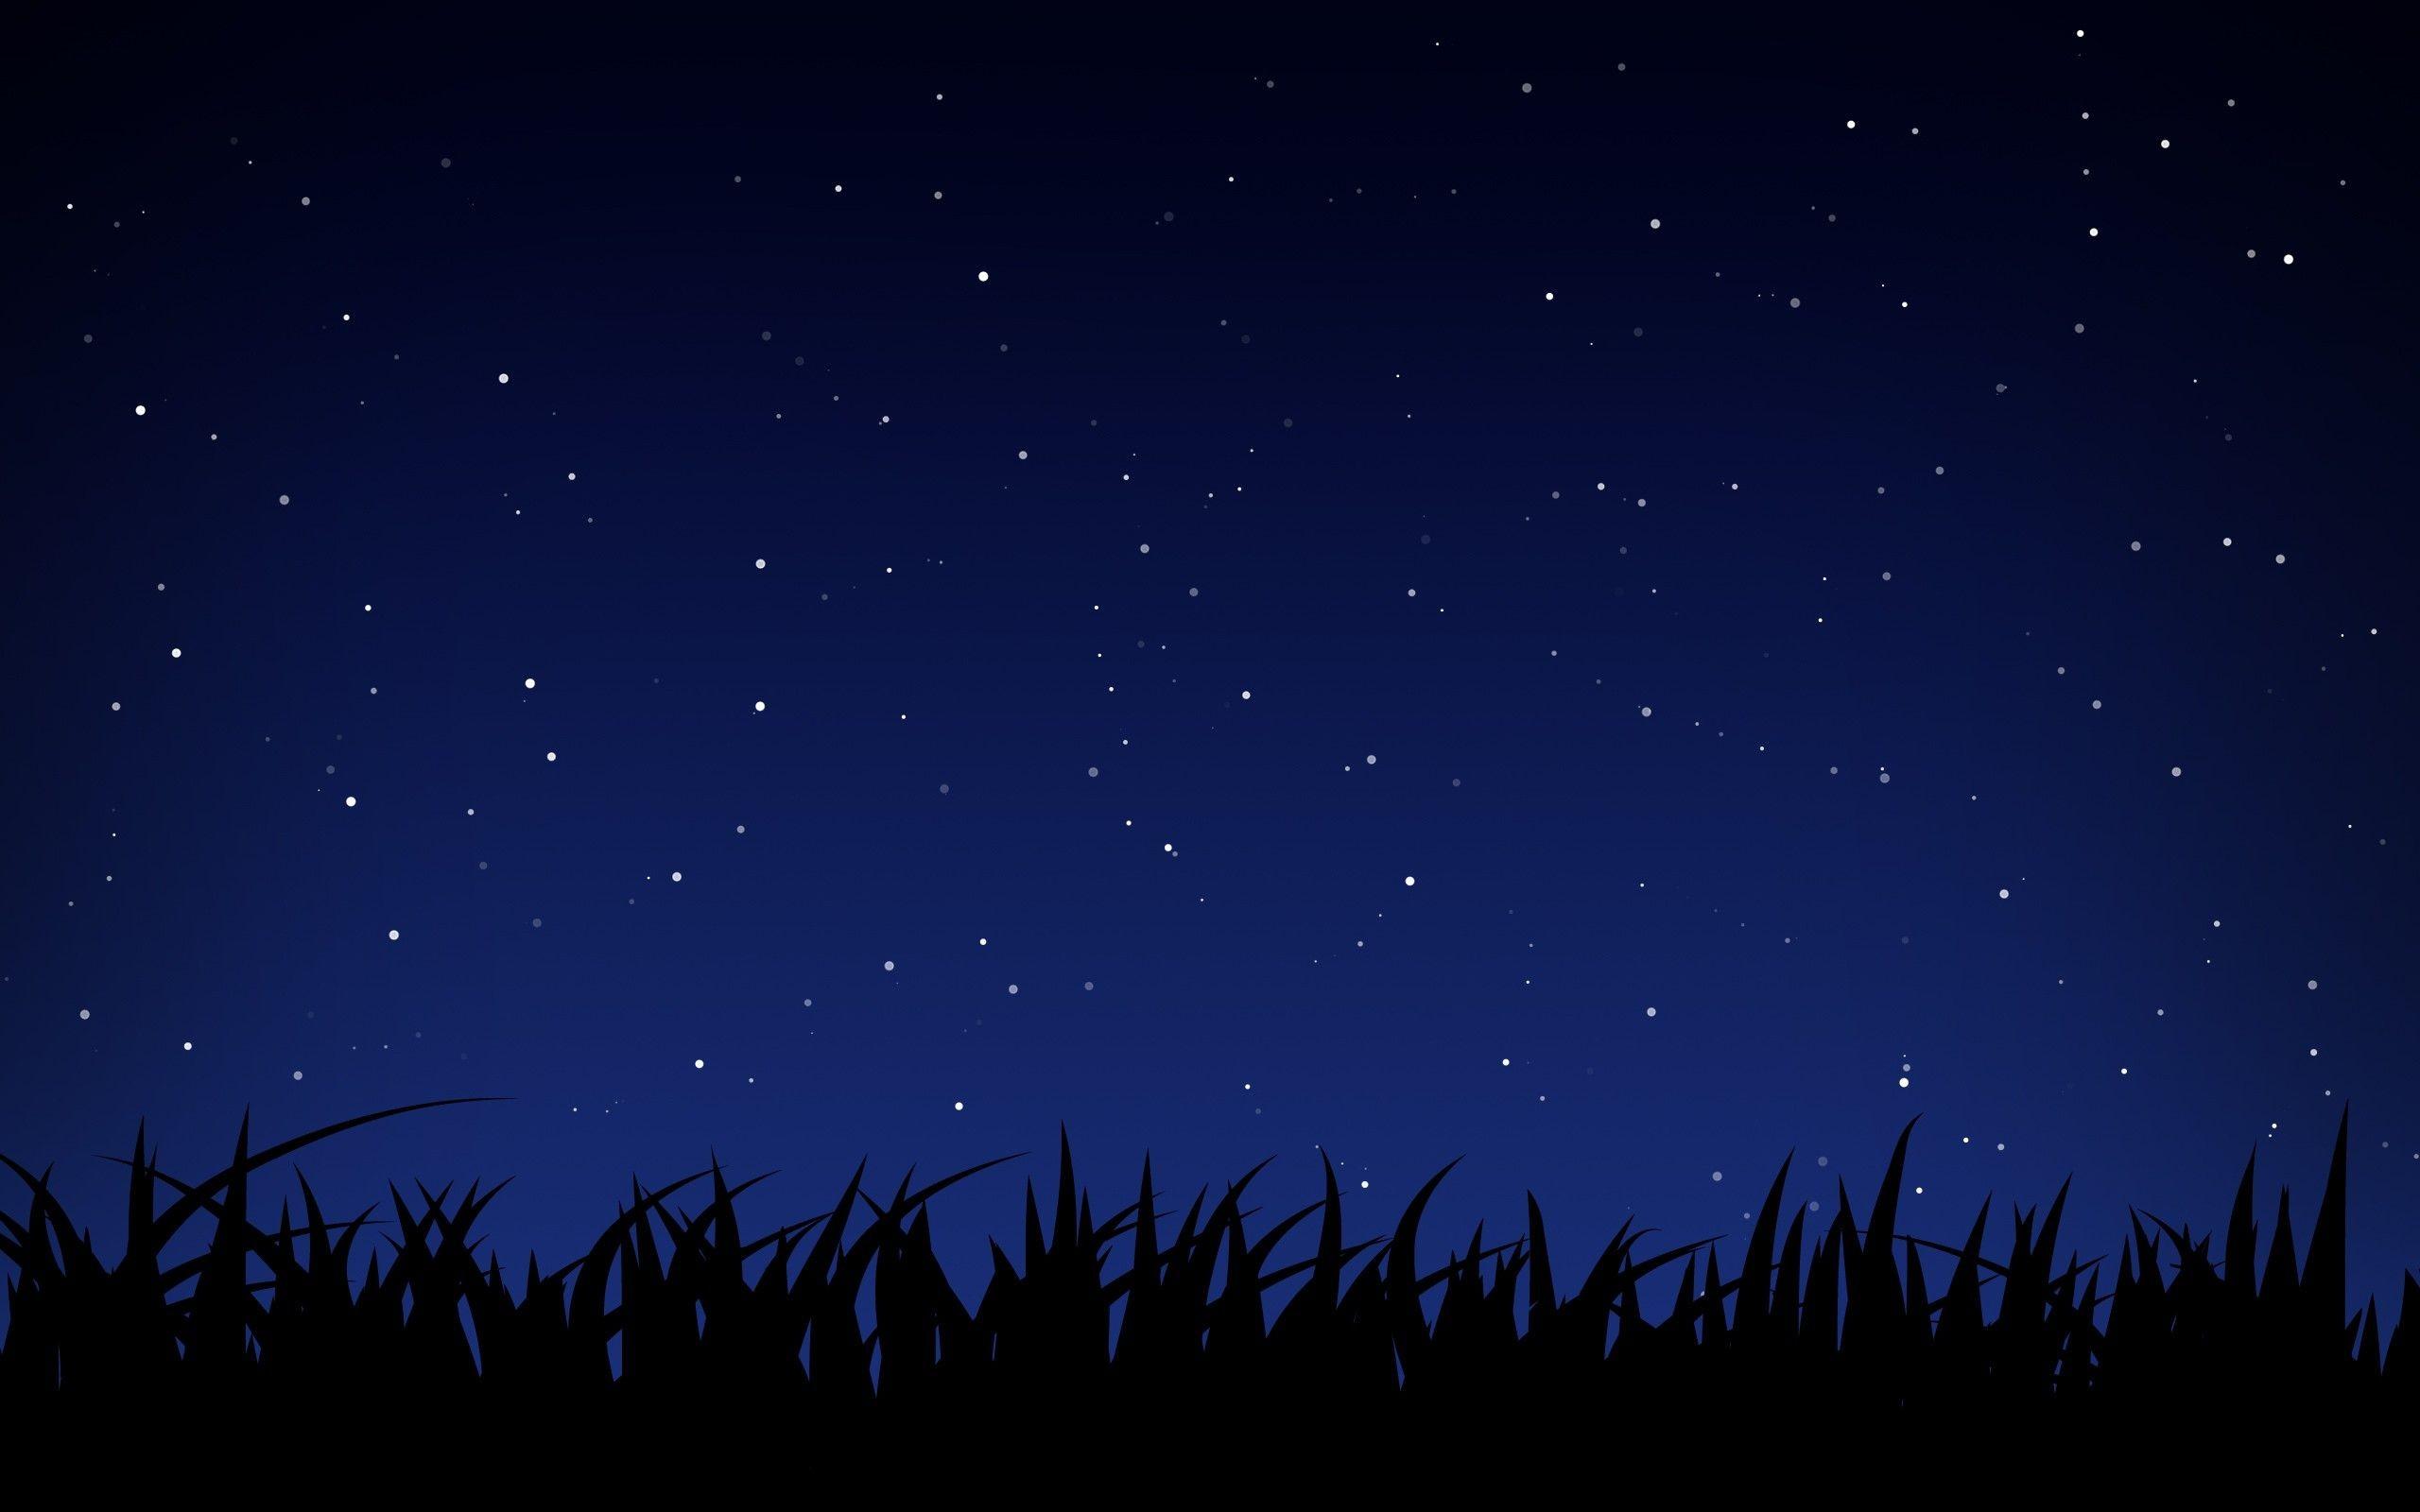 2560x1600 Starry Sky Backgrounds